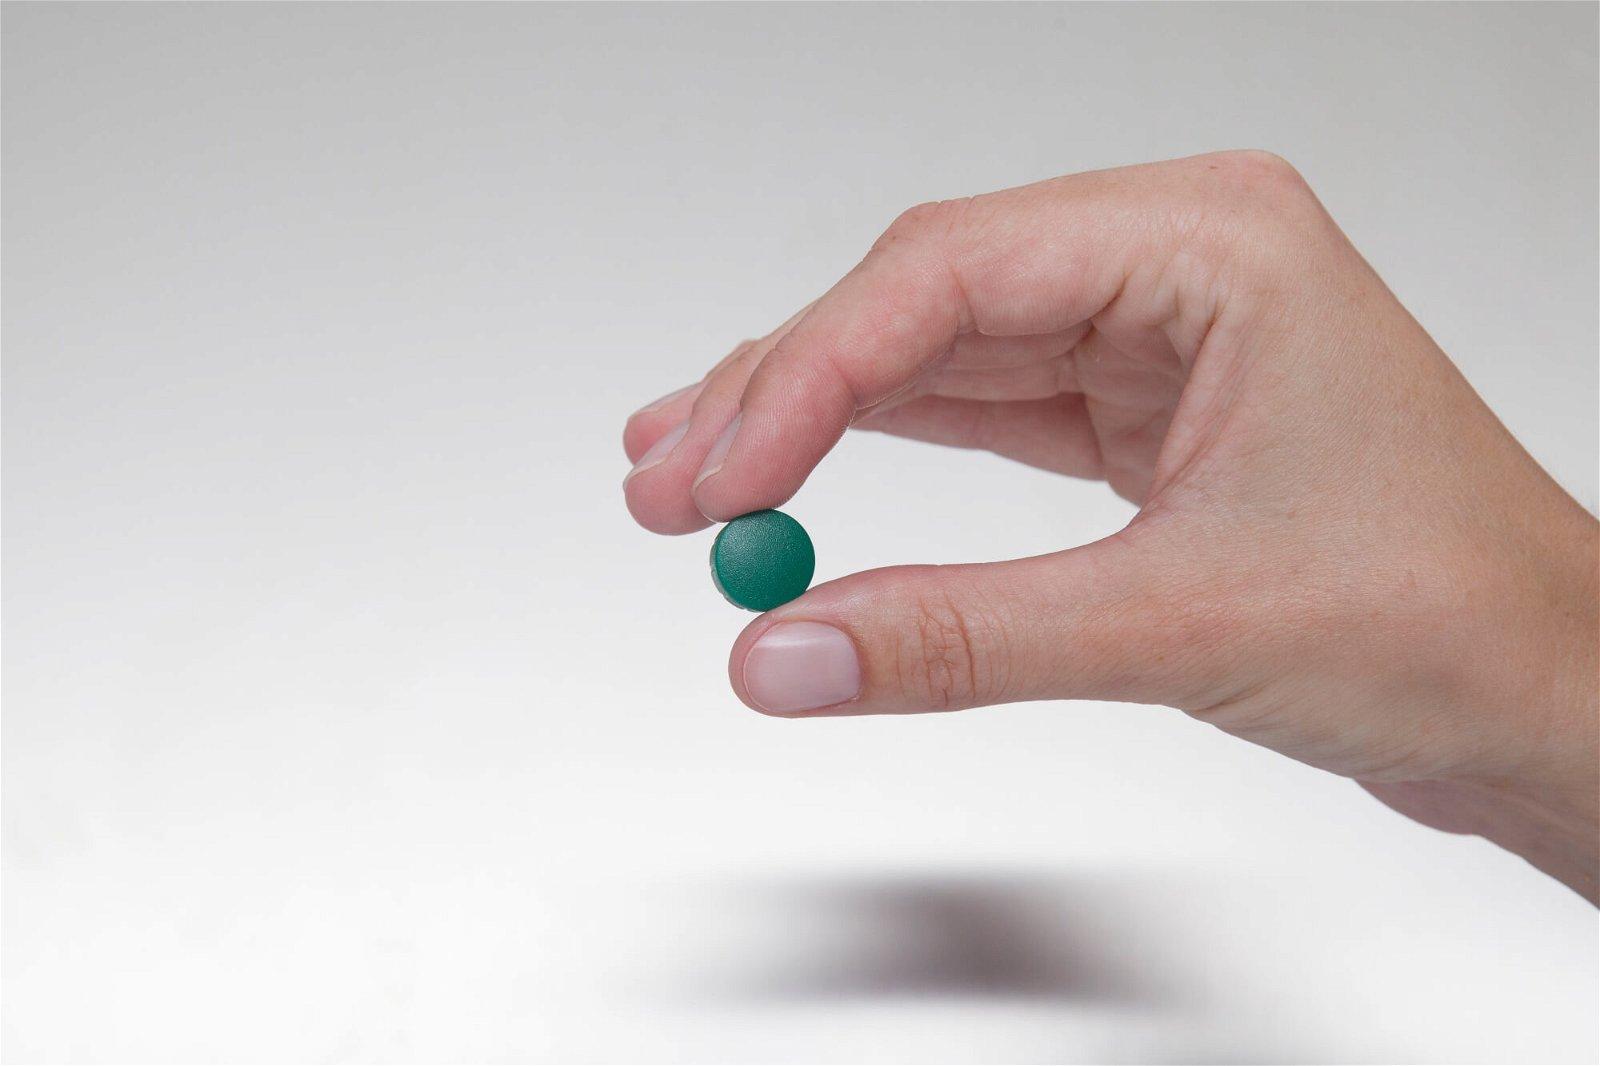 Magnet MAULsolid Ø 15 mm, 0,15 kg Haftkraft, 10 St/Ktn., grün